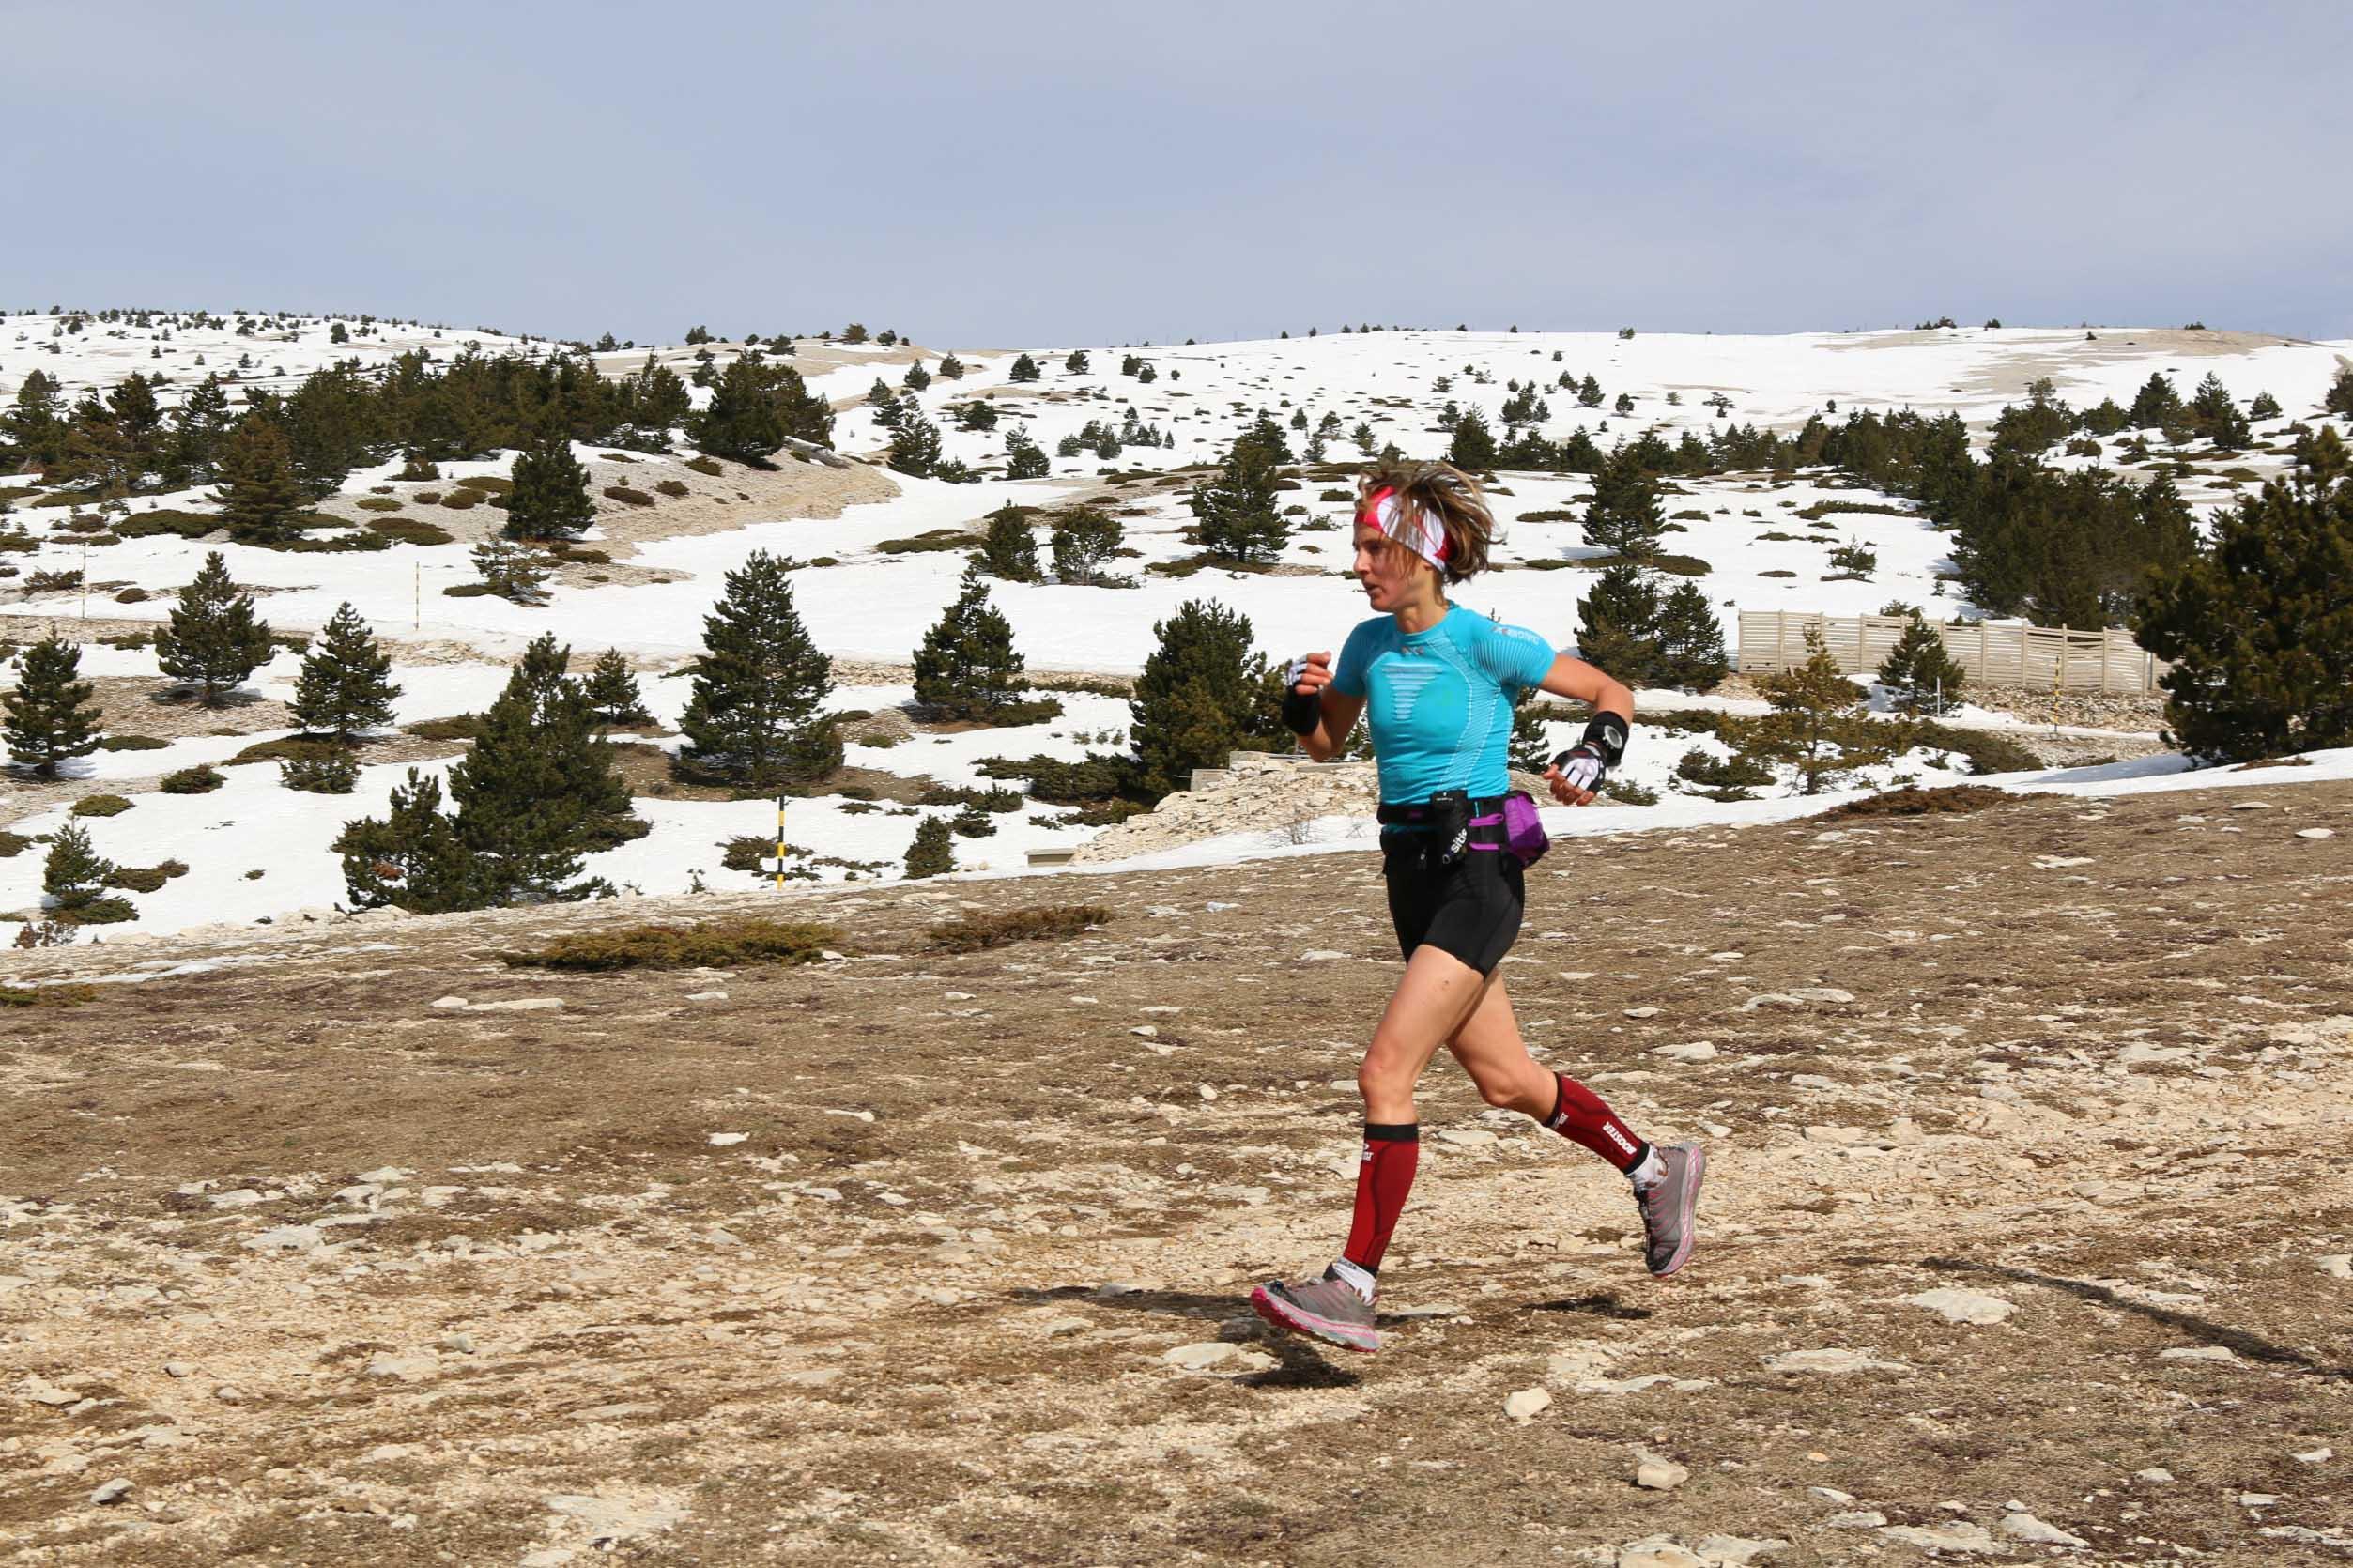 4 Caroline Chaverot deuxième 472 km photo Robert Goin IMG 6406 - Trail du ventoux 2014 : nouvelle vidéo !